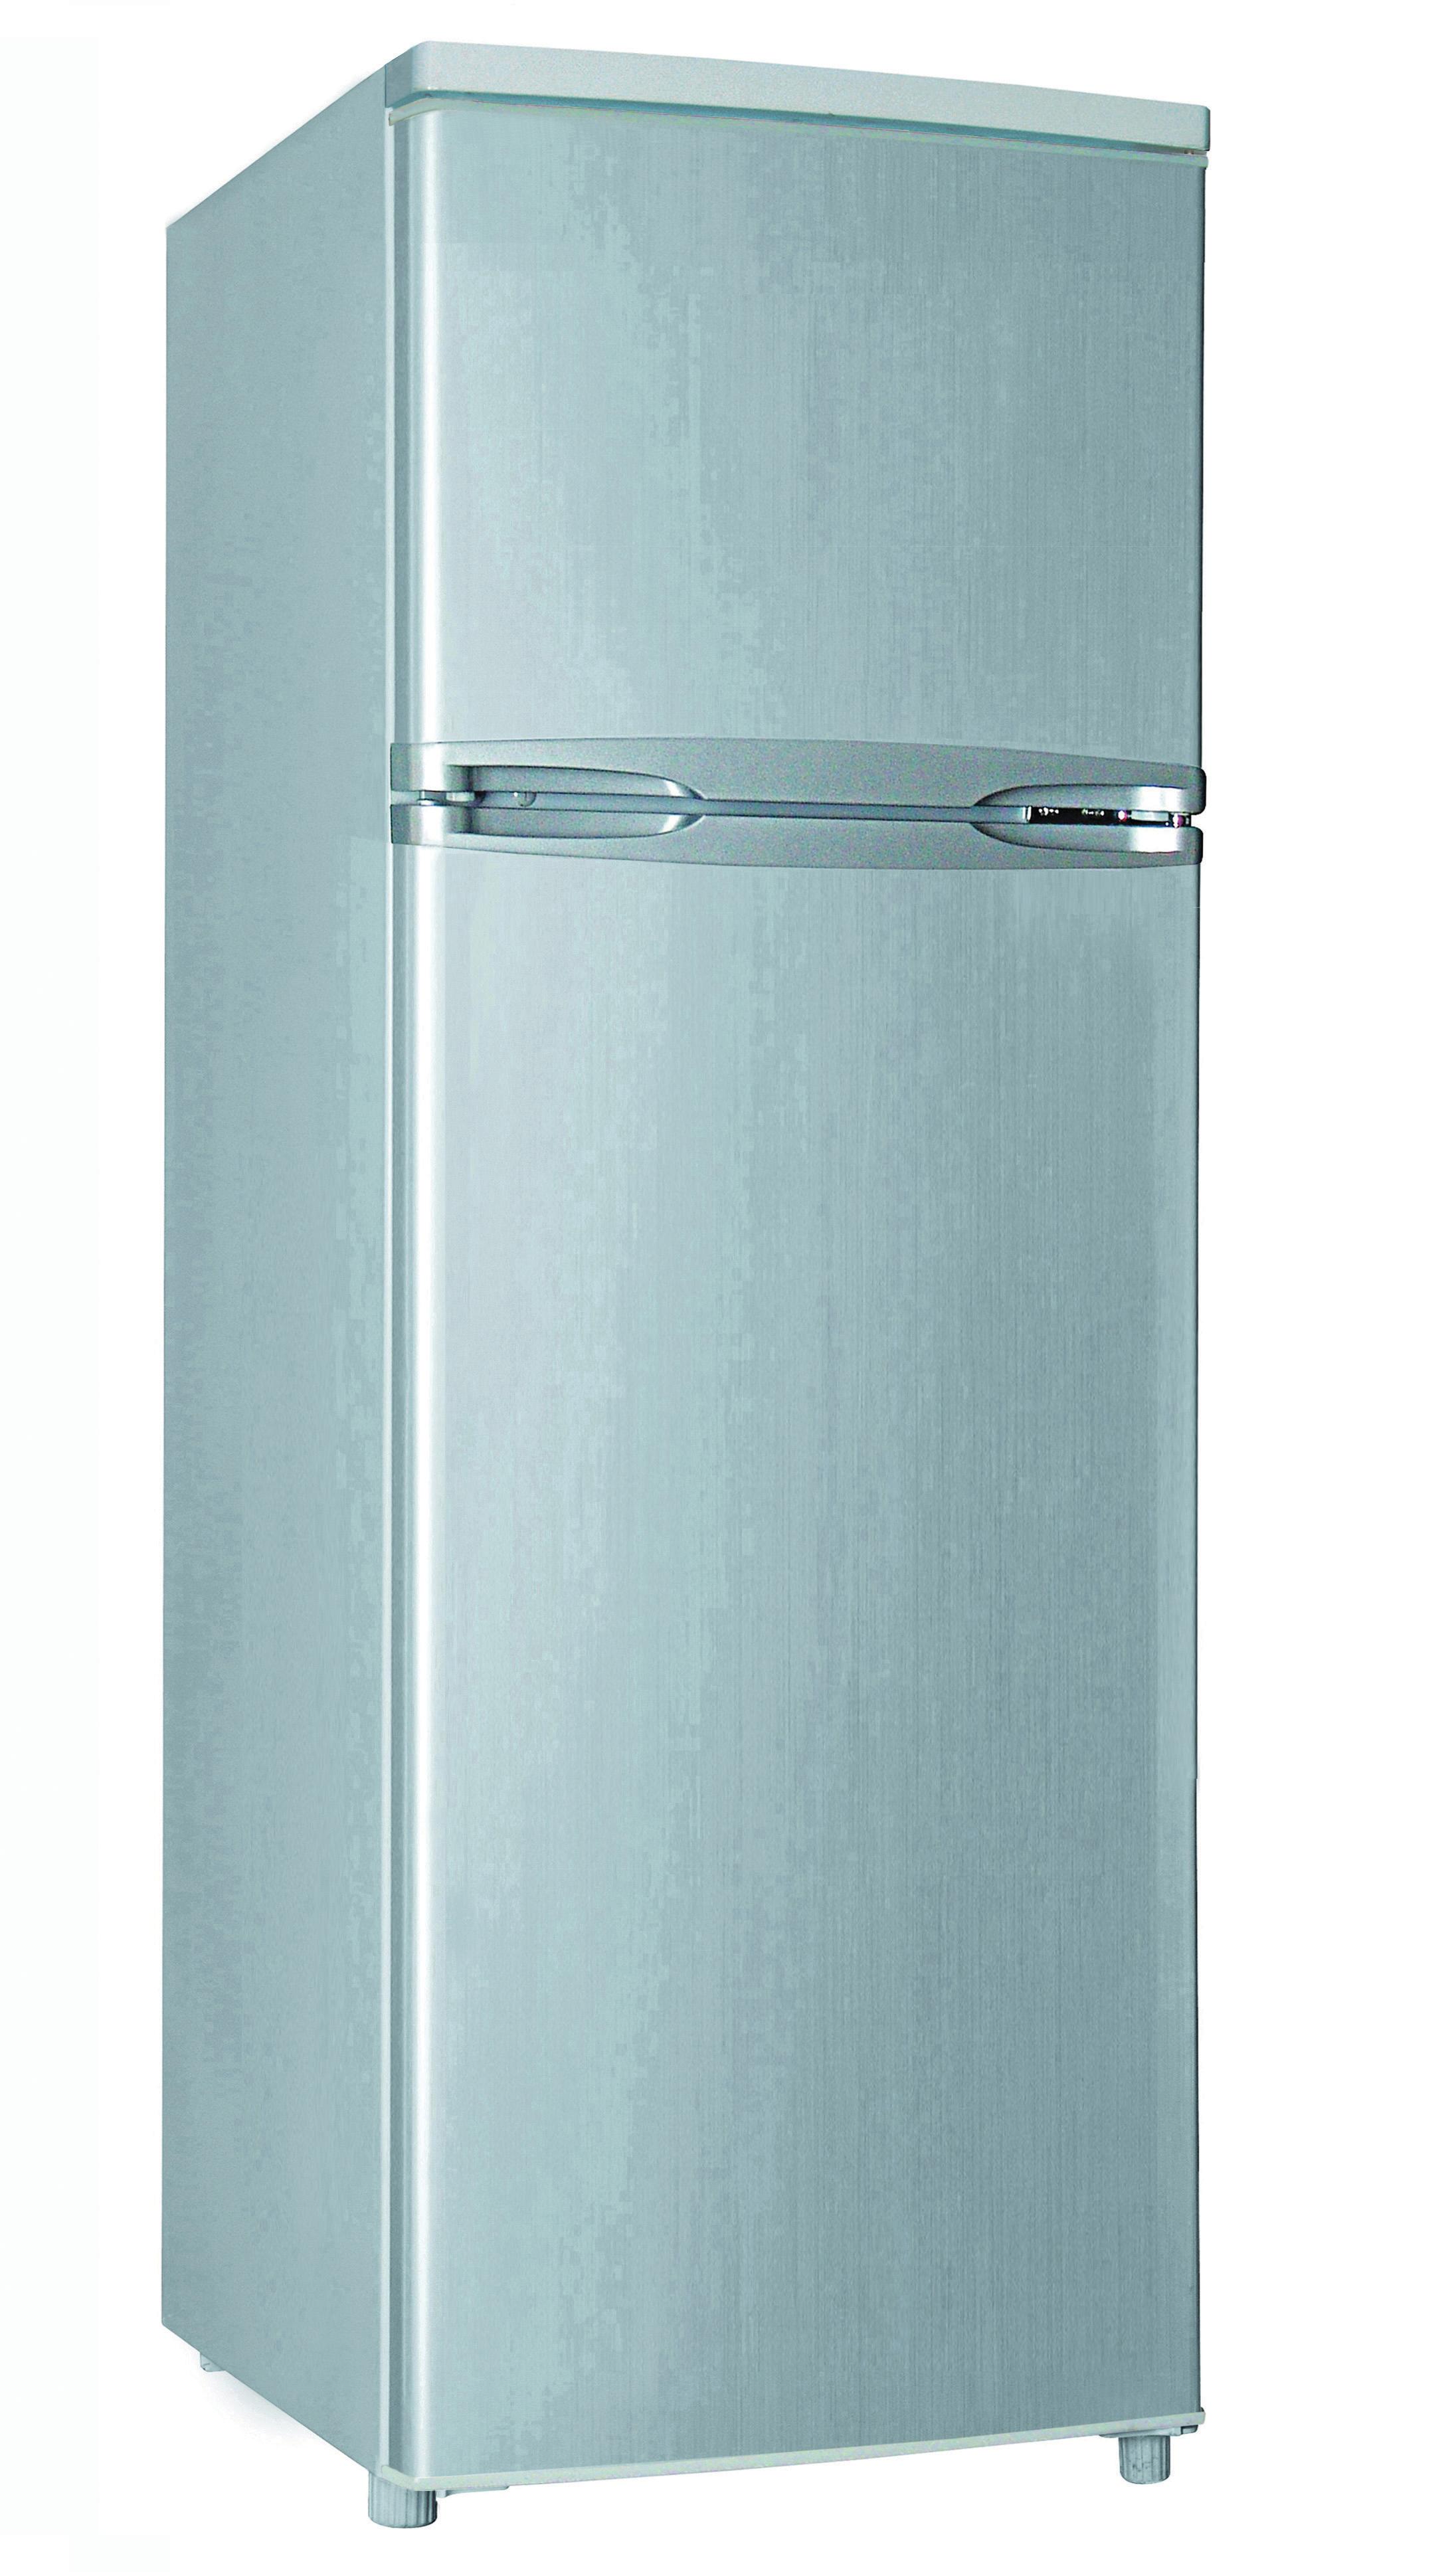 מדהים מקררים - נפח: 150-250 ליטר - הקונטיינר מהיצרן לצרכן ,מוצרי חשמל NW-21